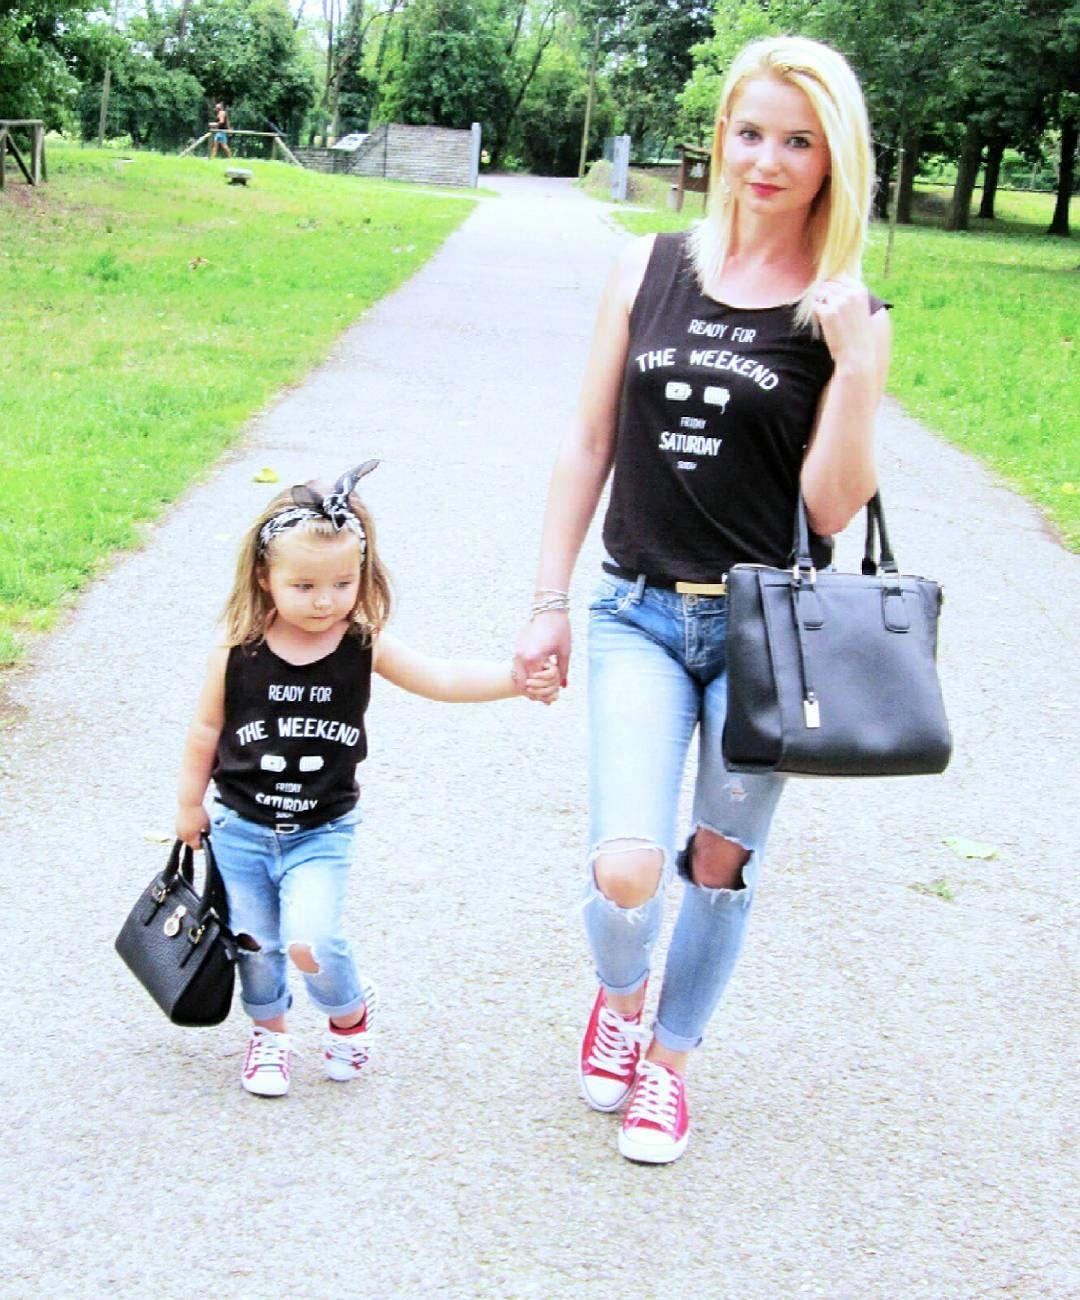 08b37cf4f37 Calça Jeans e Blusa Preta Mother Daughter Photos